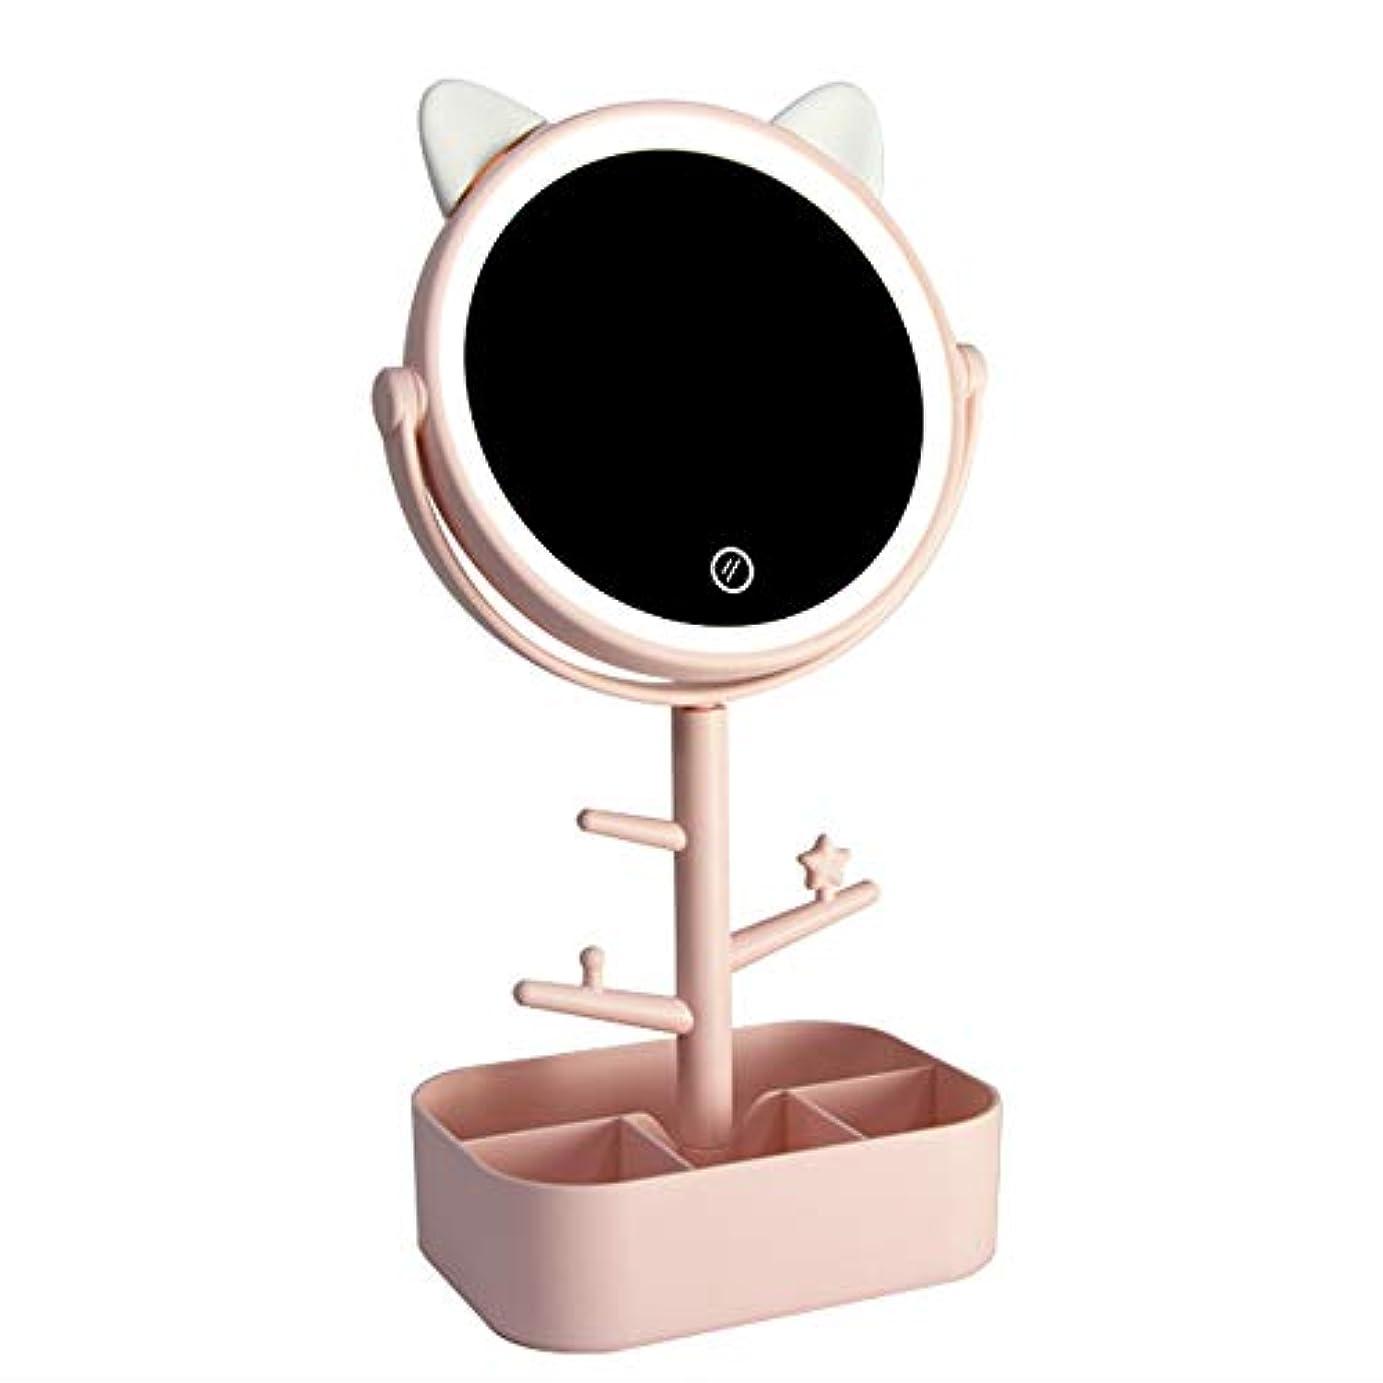 数学的な改革シルエットLecone LED化粧鏡 女優ミラー 卓上ミラー 180度調整可能 スタンドミラー LEDライト メイク 化粧道具 円型 収納ケース 可収納 USB給電 (猫ーピンク)